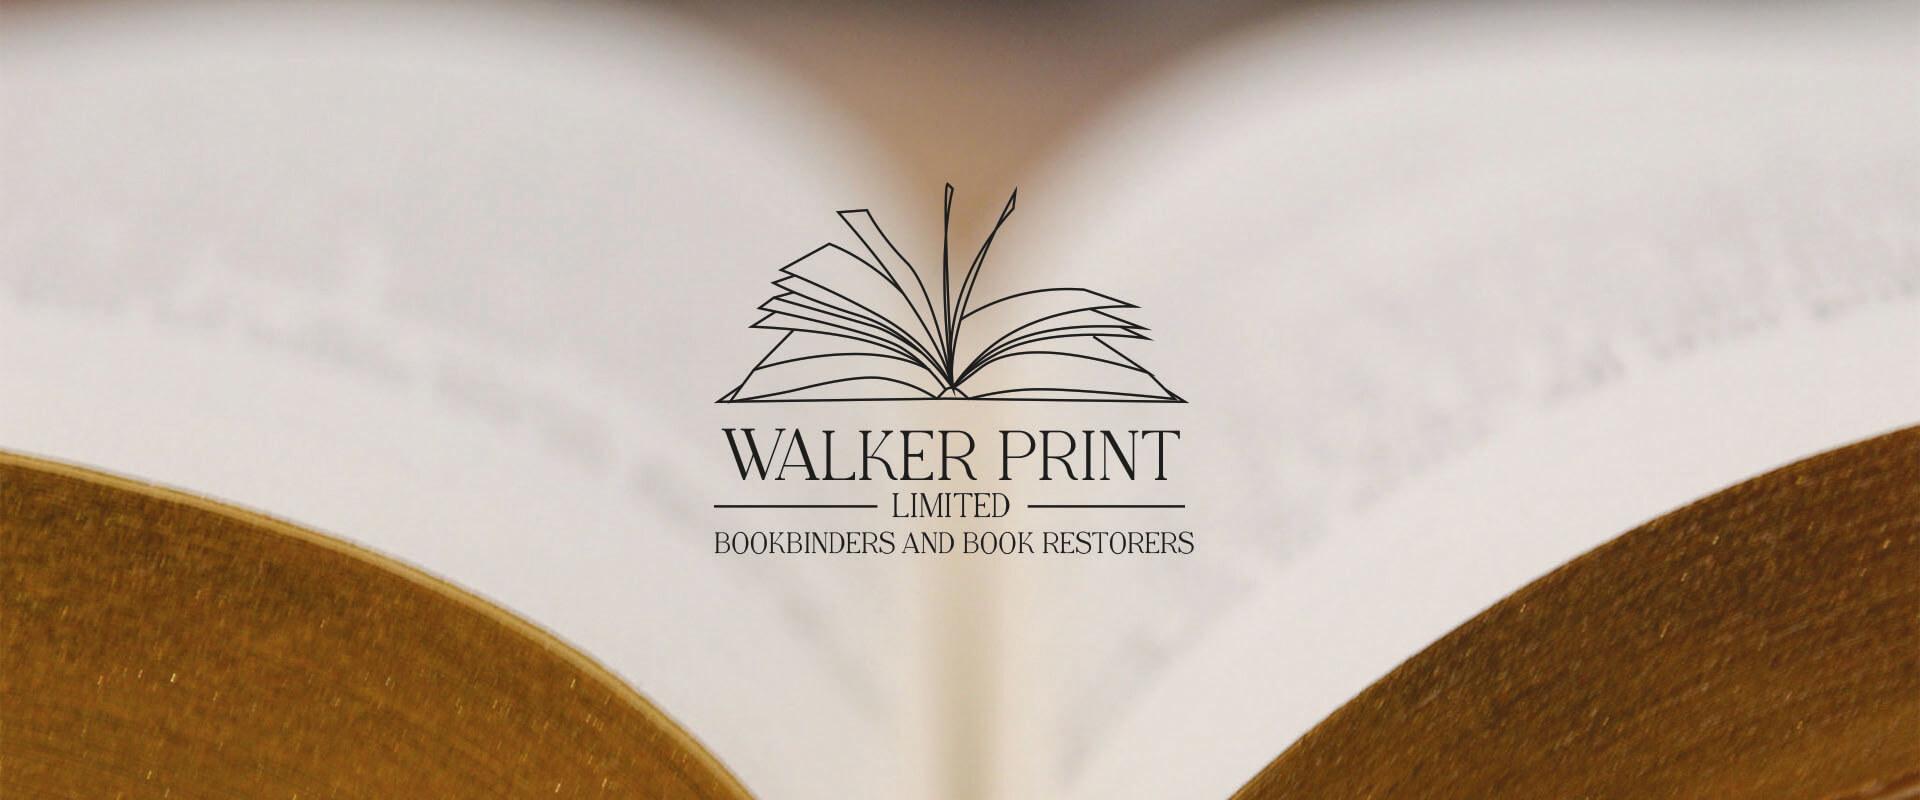 Walker Print Bookbinders Manchester